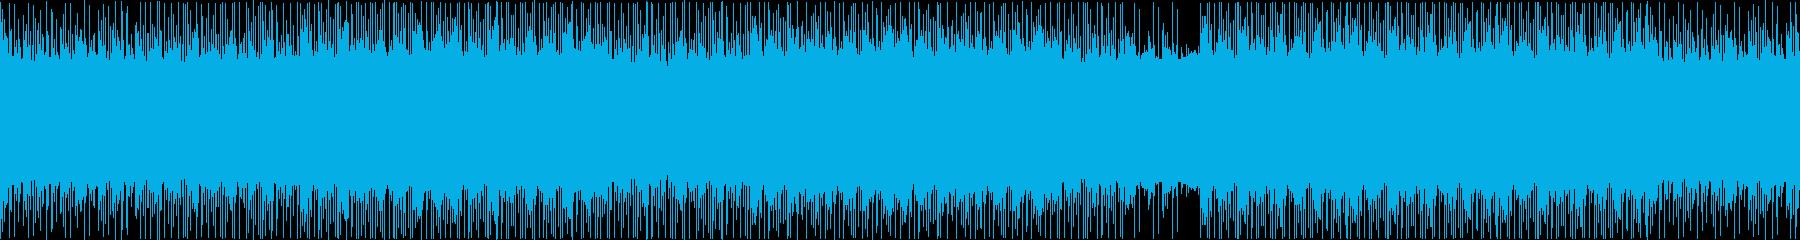 エスニック調で怪しく不気味なスロービートの再生済みの波形